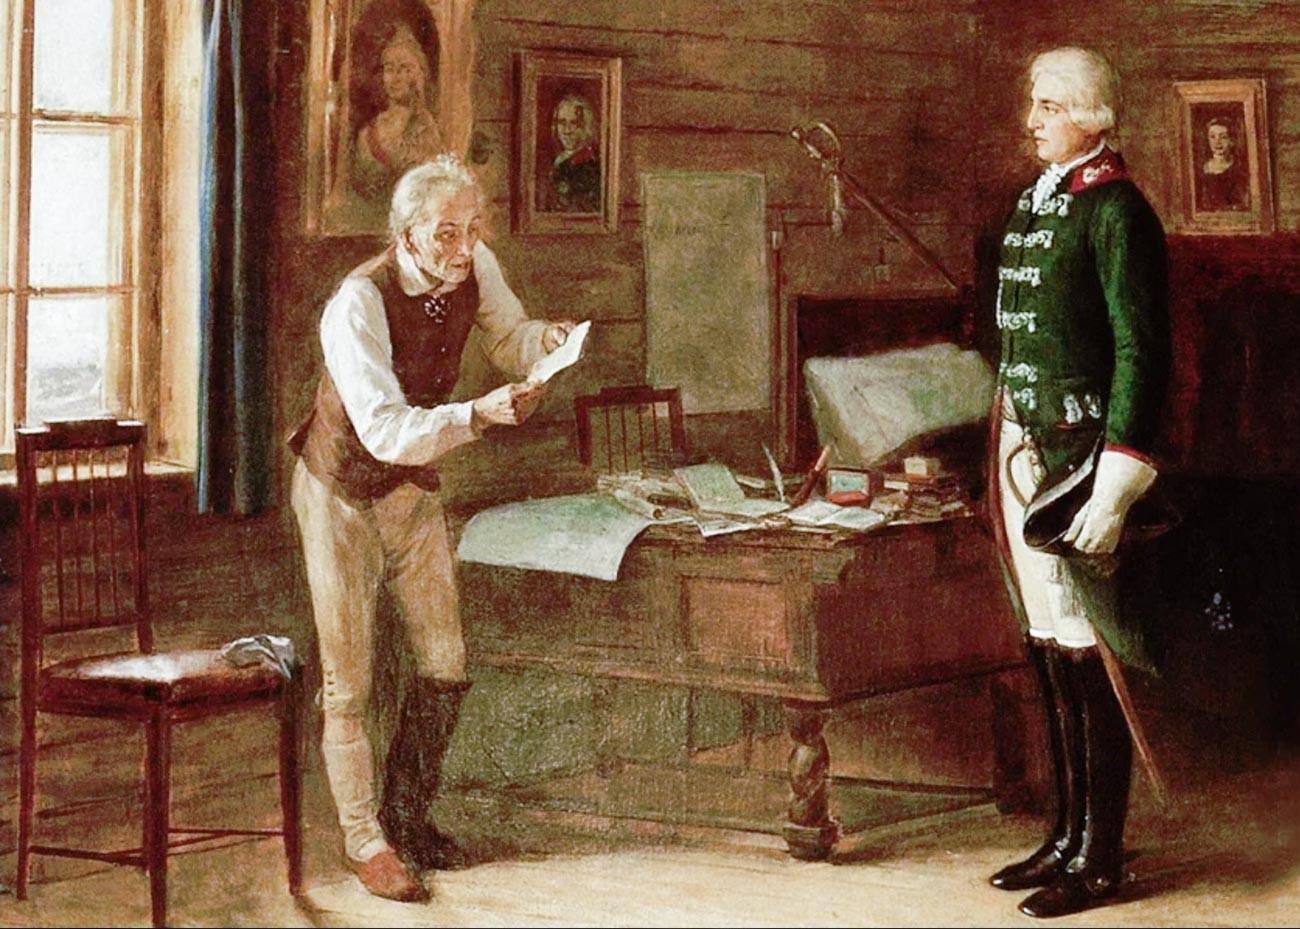 Suvorov in esilio riceve l'ordine di guidare l'esercito russo contro Napoleone